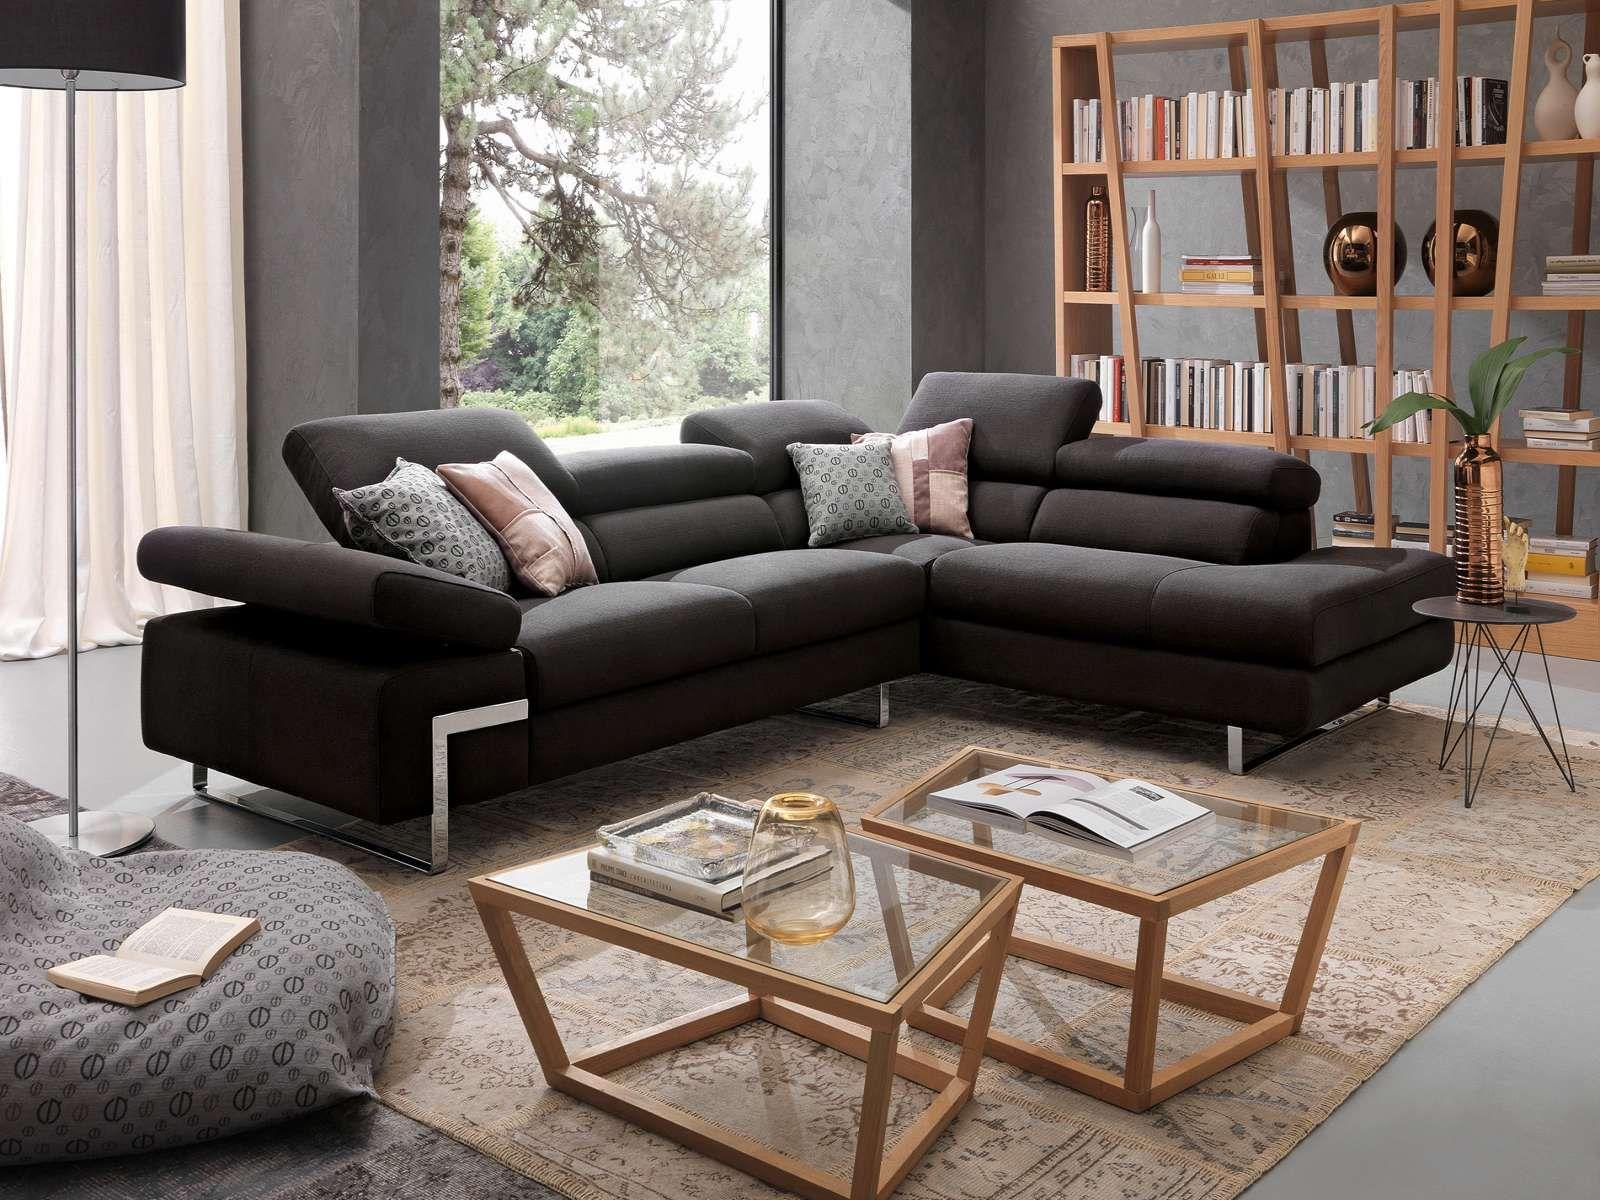 Sofas Modernos Para Sala De Tv Leather Restorer For Sofa Imagem Do Site Www Chateau Dax Pt Acertar No Modelo Sua Estar Ou Faz Toda A Diferenca Na Decoracao Com Apelo